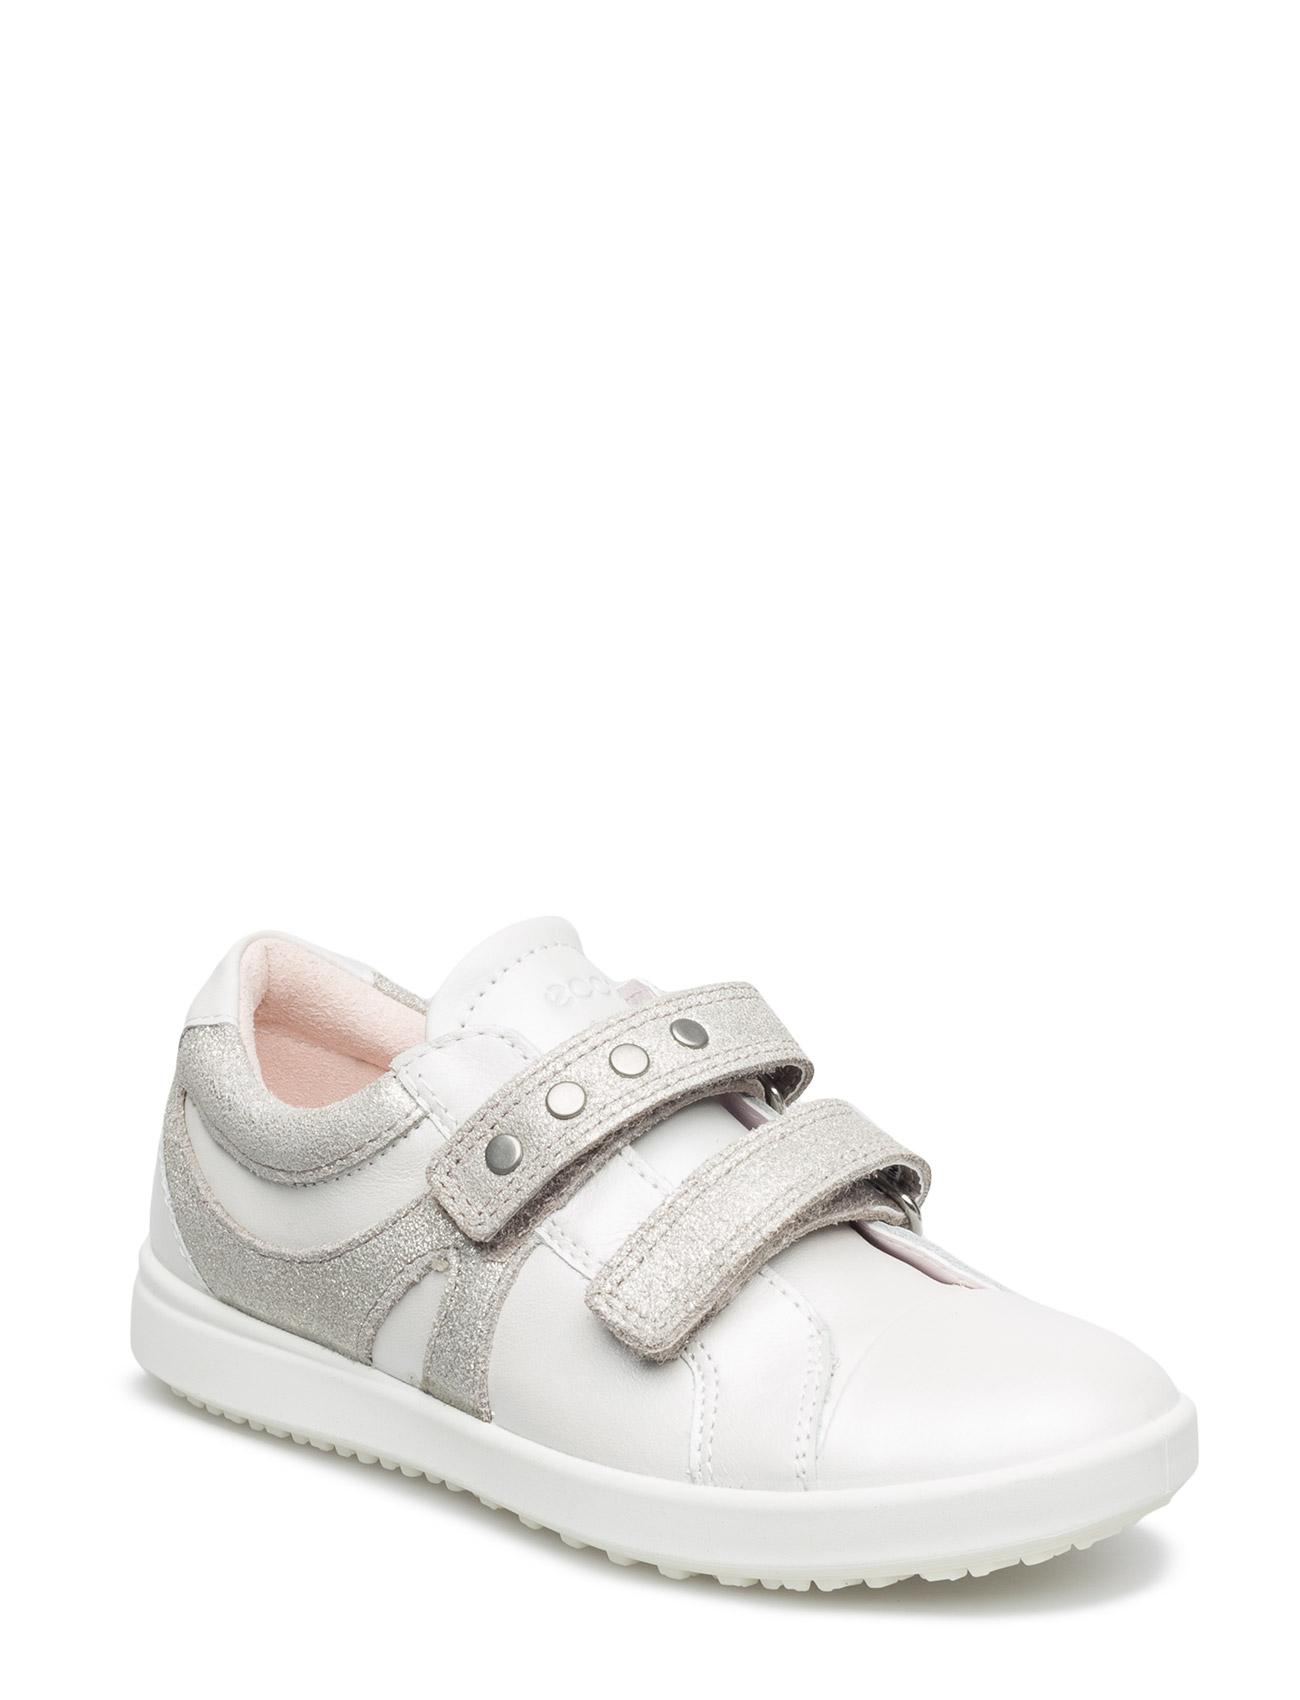 Elli ECCO Sko & Sneakers til Børn i hvid